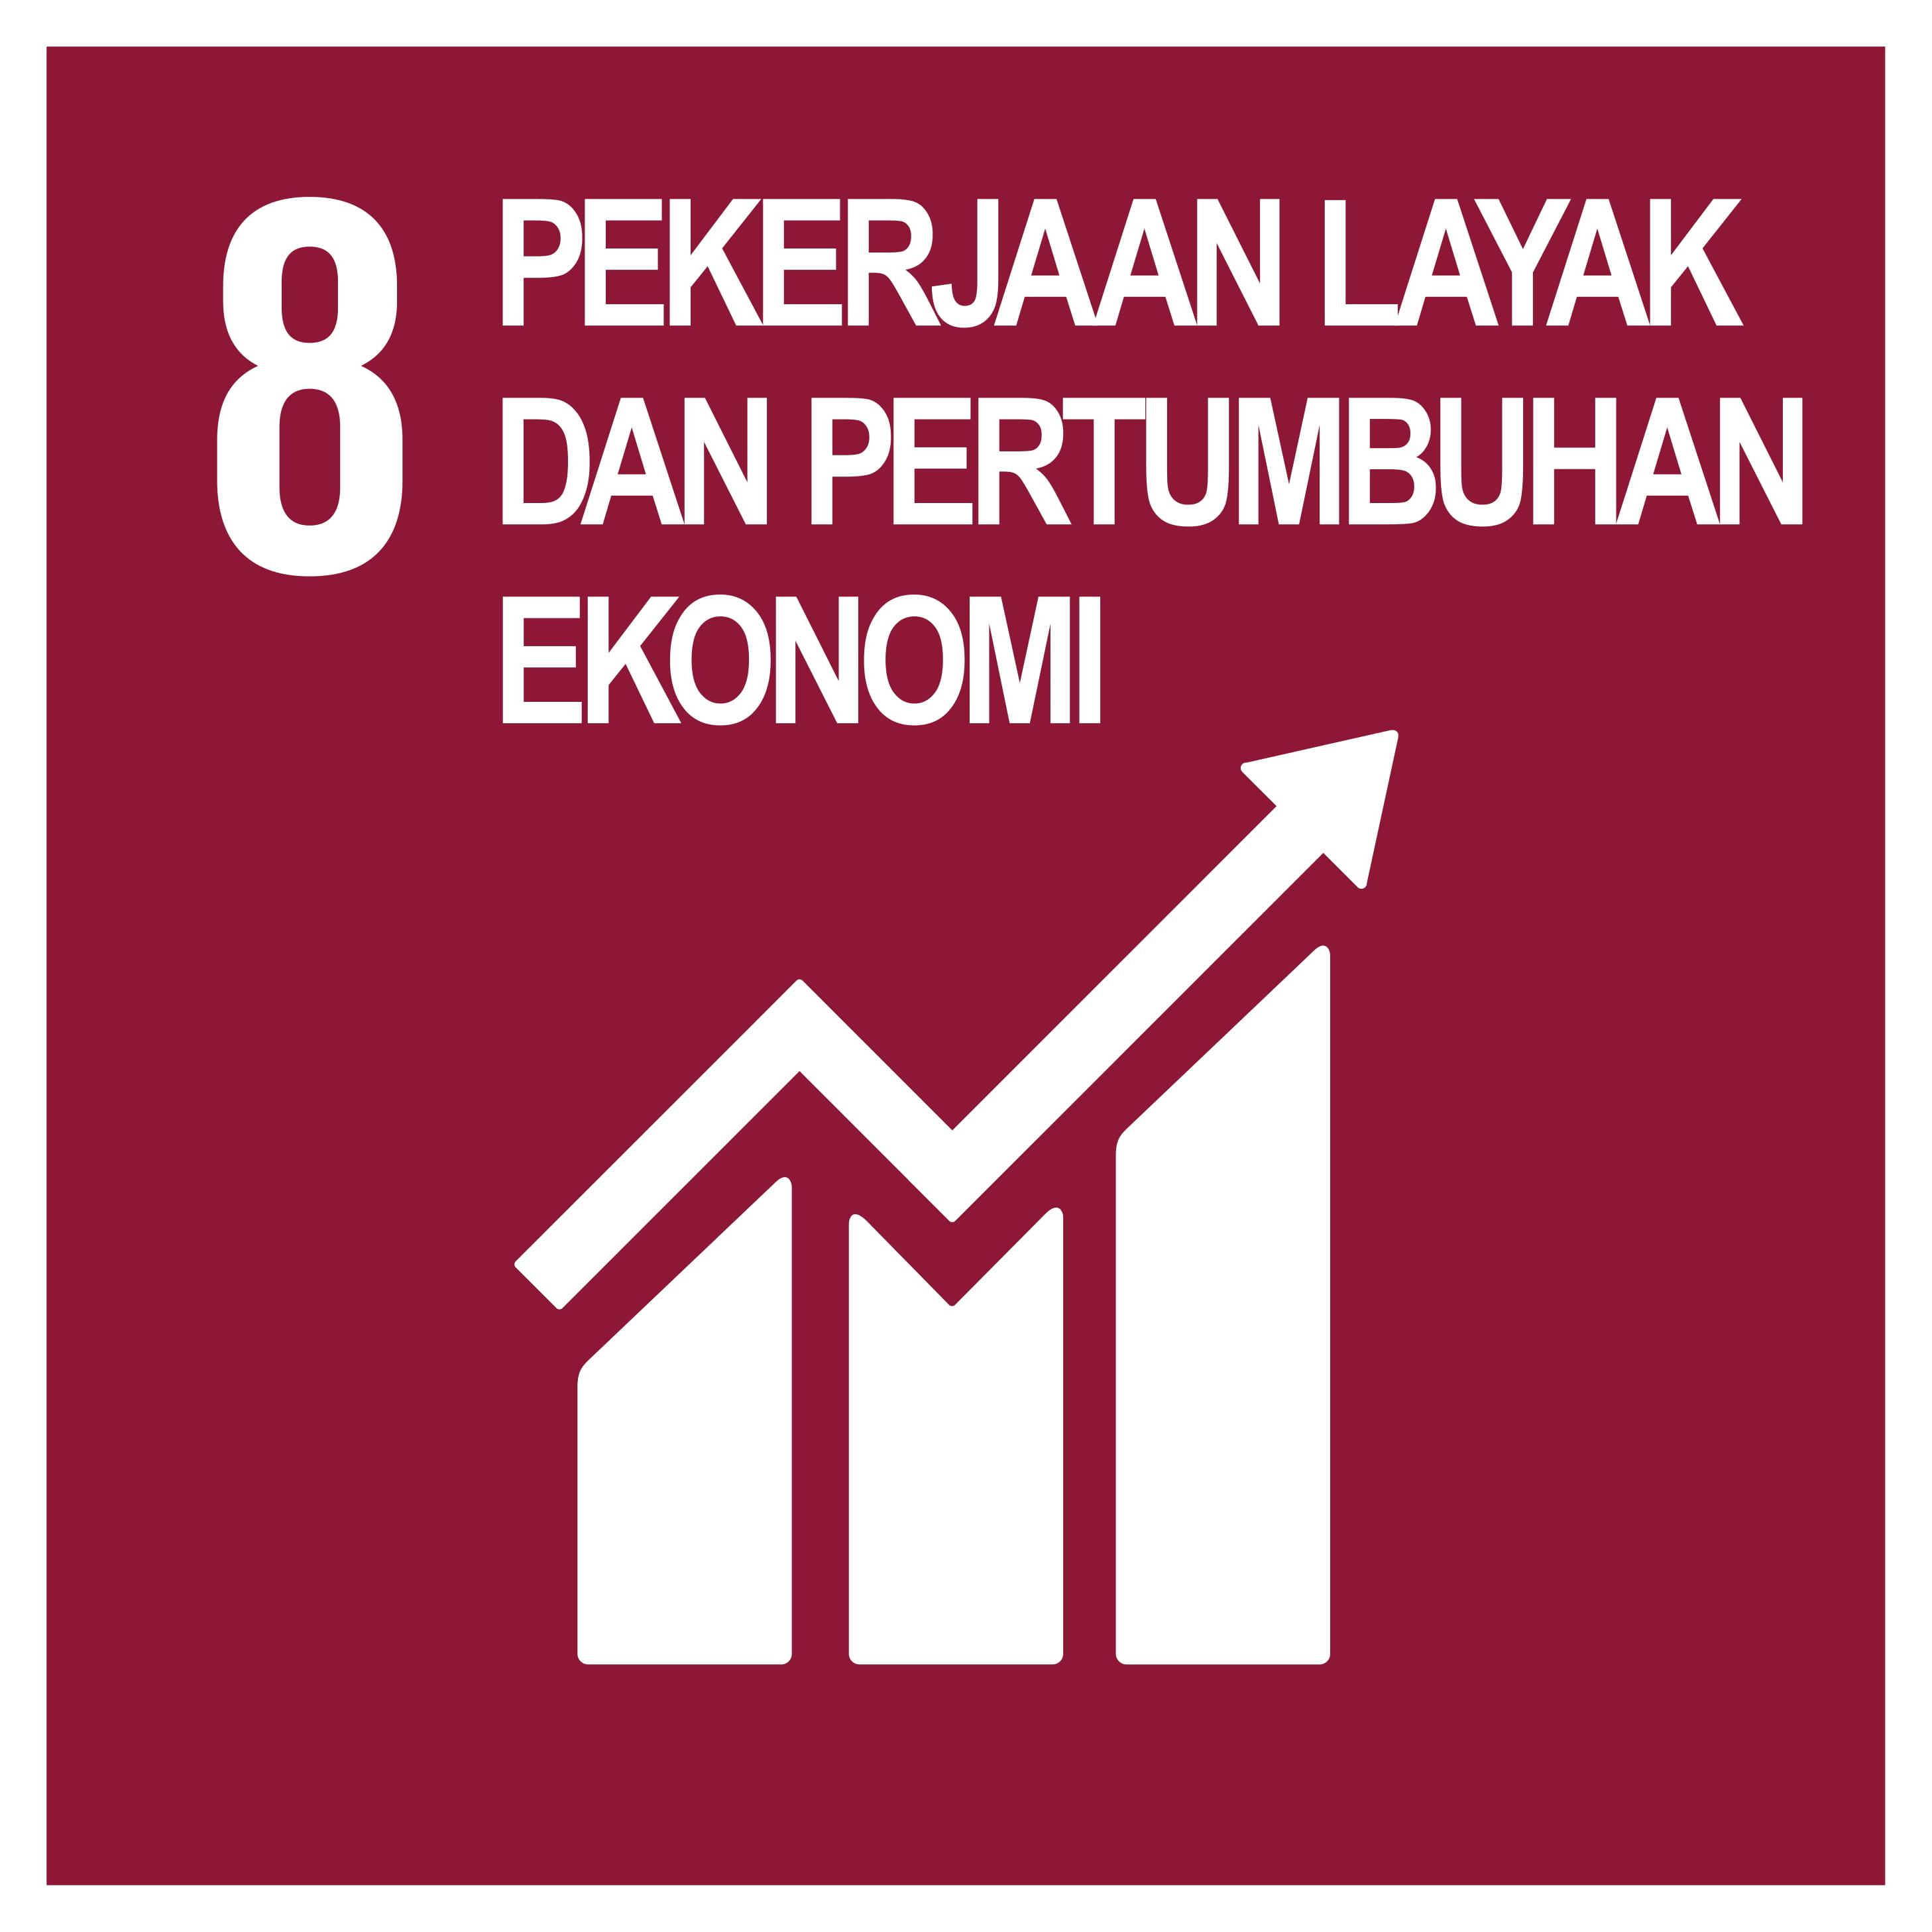 Pekerjaan Layak dan Pertumbuhan Ekonomi